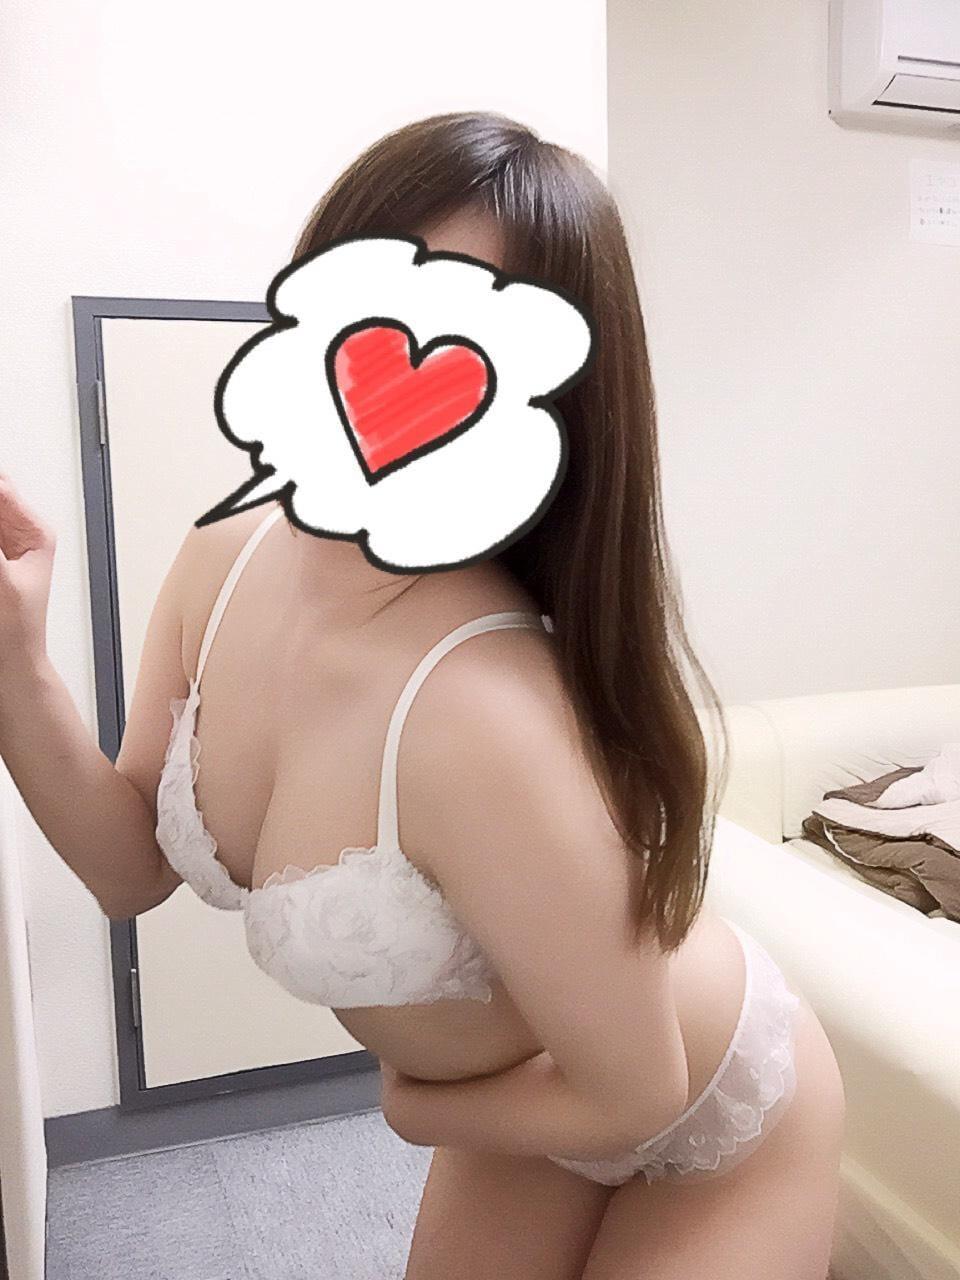 「最近ゎ」10/23(10/23) 11:40 | りんごの写メ・風俗動画